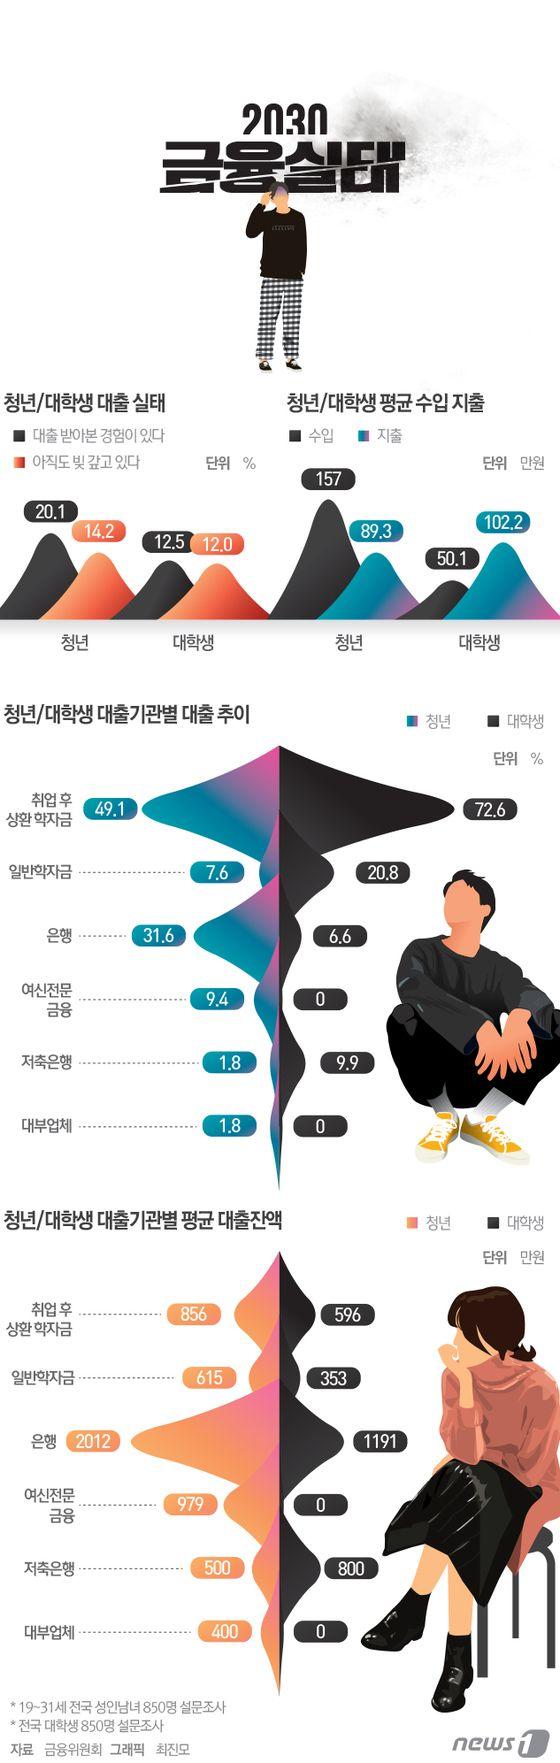 [그래픽뉴스] 2030 금융실태